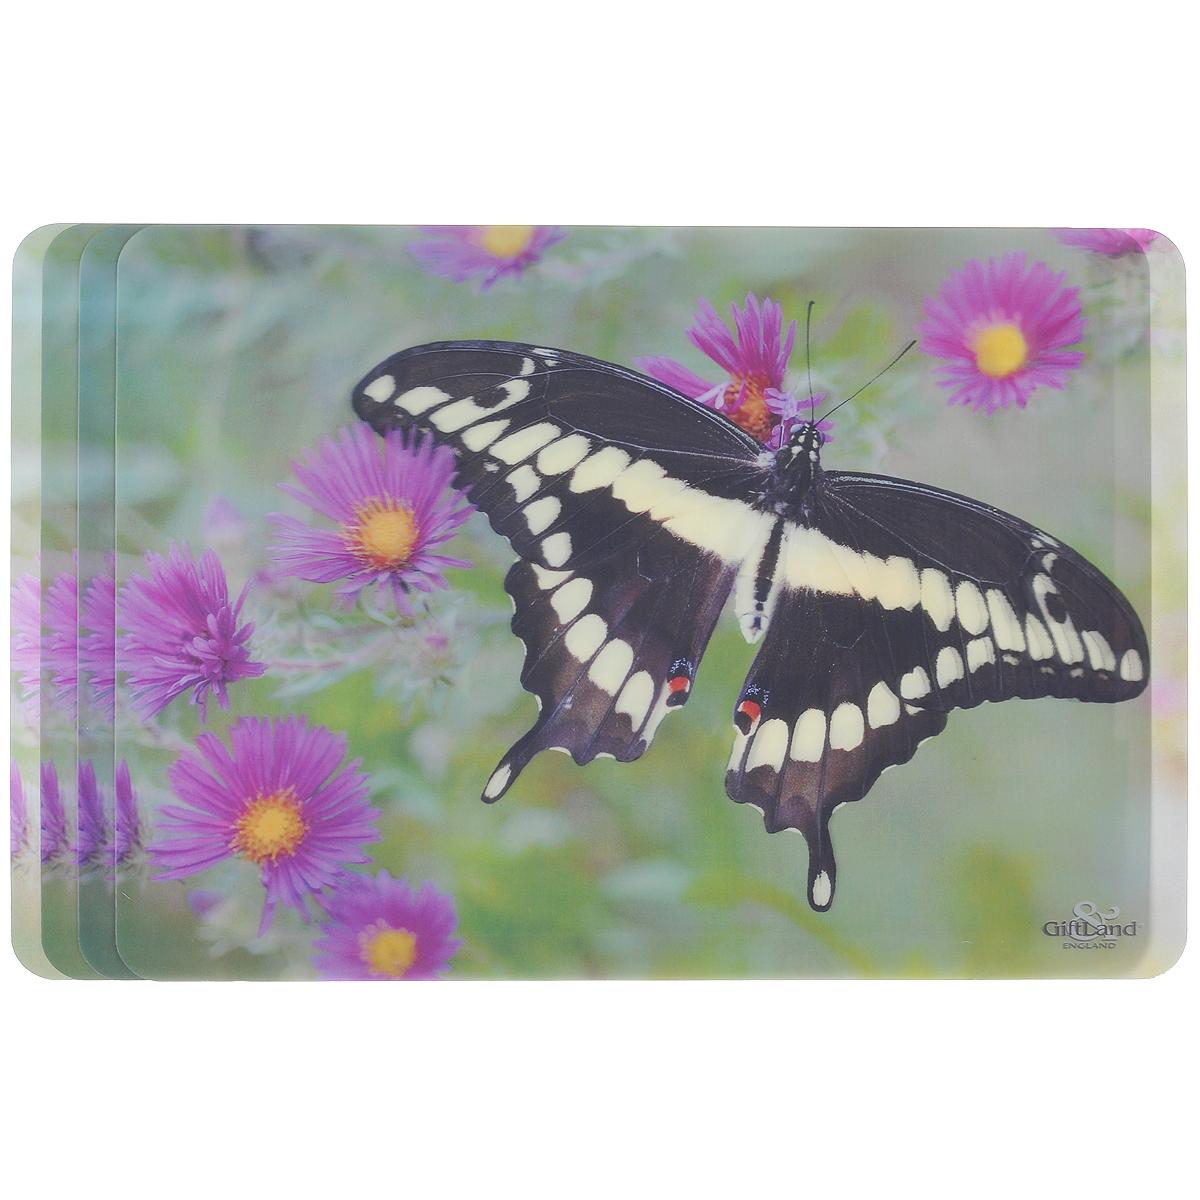 Набор сервировочных салфеток 3D GiftLand Черная бабочка, 34,5 см х 24,5 см, 4 шт3D-12 В BlackНабор GiftLand Черная бабочка, изготовленный из полипропилена, состоит из четырех сервировочных салфеток с эффектом 3D. Такие салфетки - это отличная идея для сервировки! Салфетки декорированы ярким объемным изображением бабочки и цветов. Изделия защищают поверхность стола от воздействия температур, влаги и загрязнений, а также украшают интерьер. Могут использоваться для детского творчества (рисования, лепки из пластилина) в качестве защитного покрытия, подставки под вазы, кухонные приборы.Размер салфетки: 34,5 см х 24,5 см.